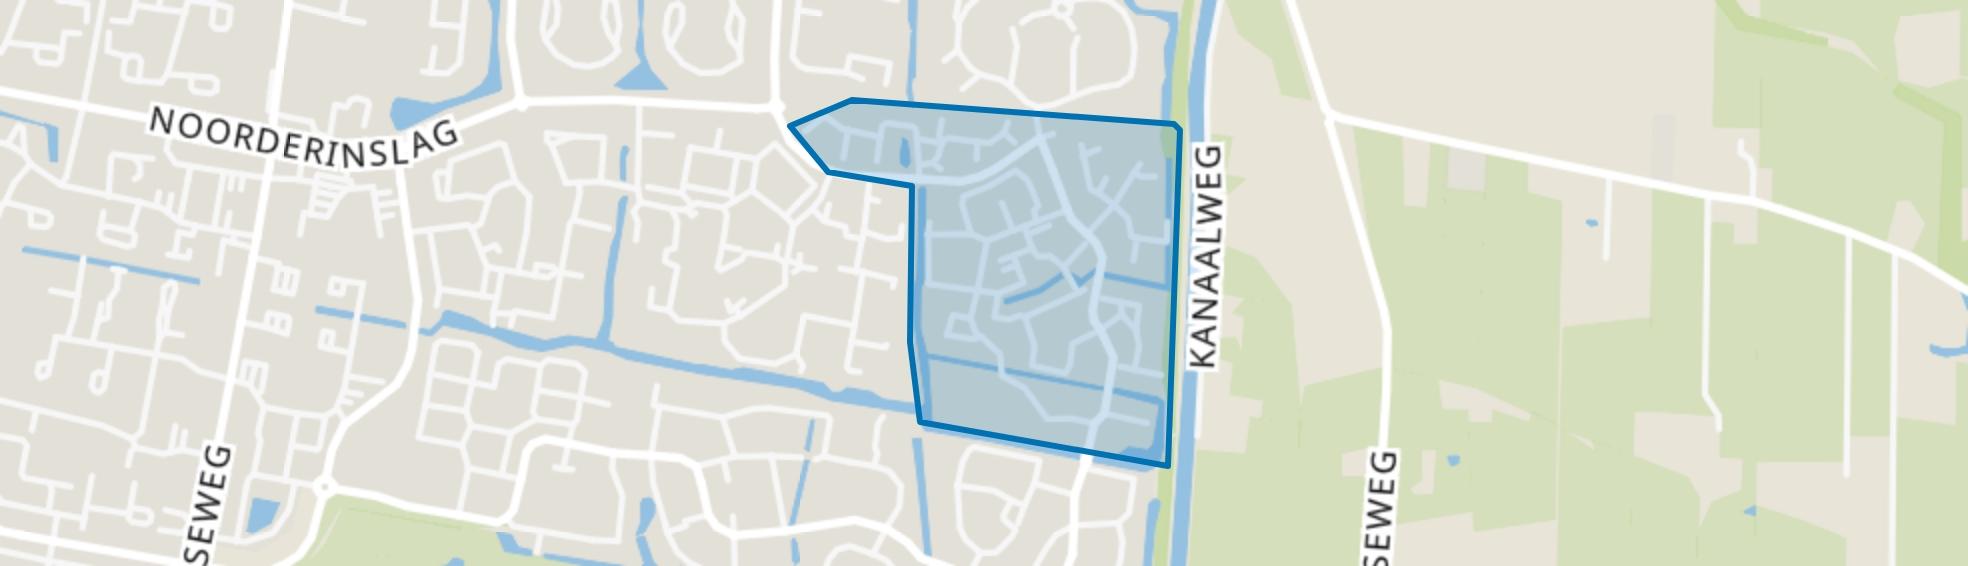 Langenbeek, Leusden map